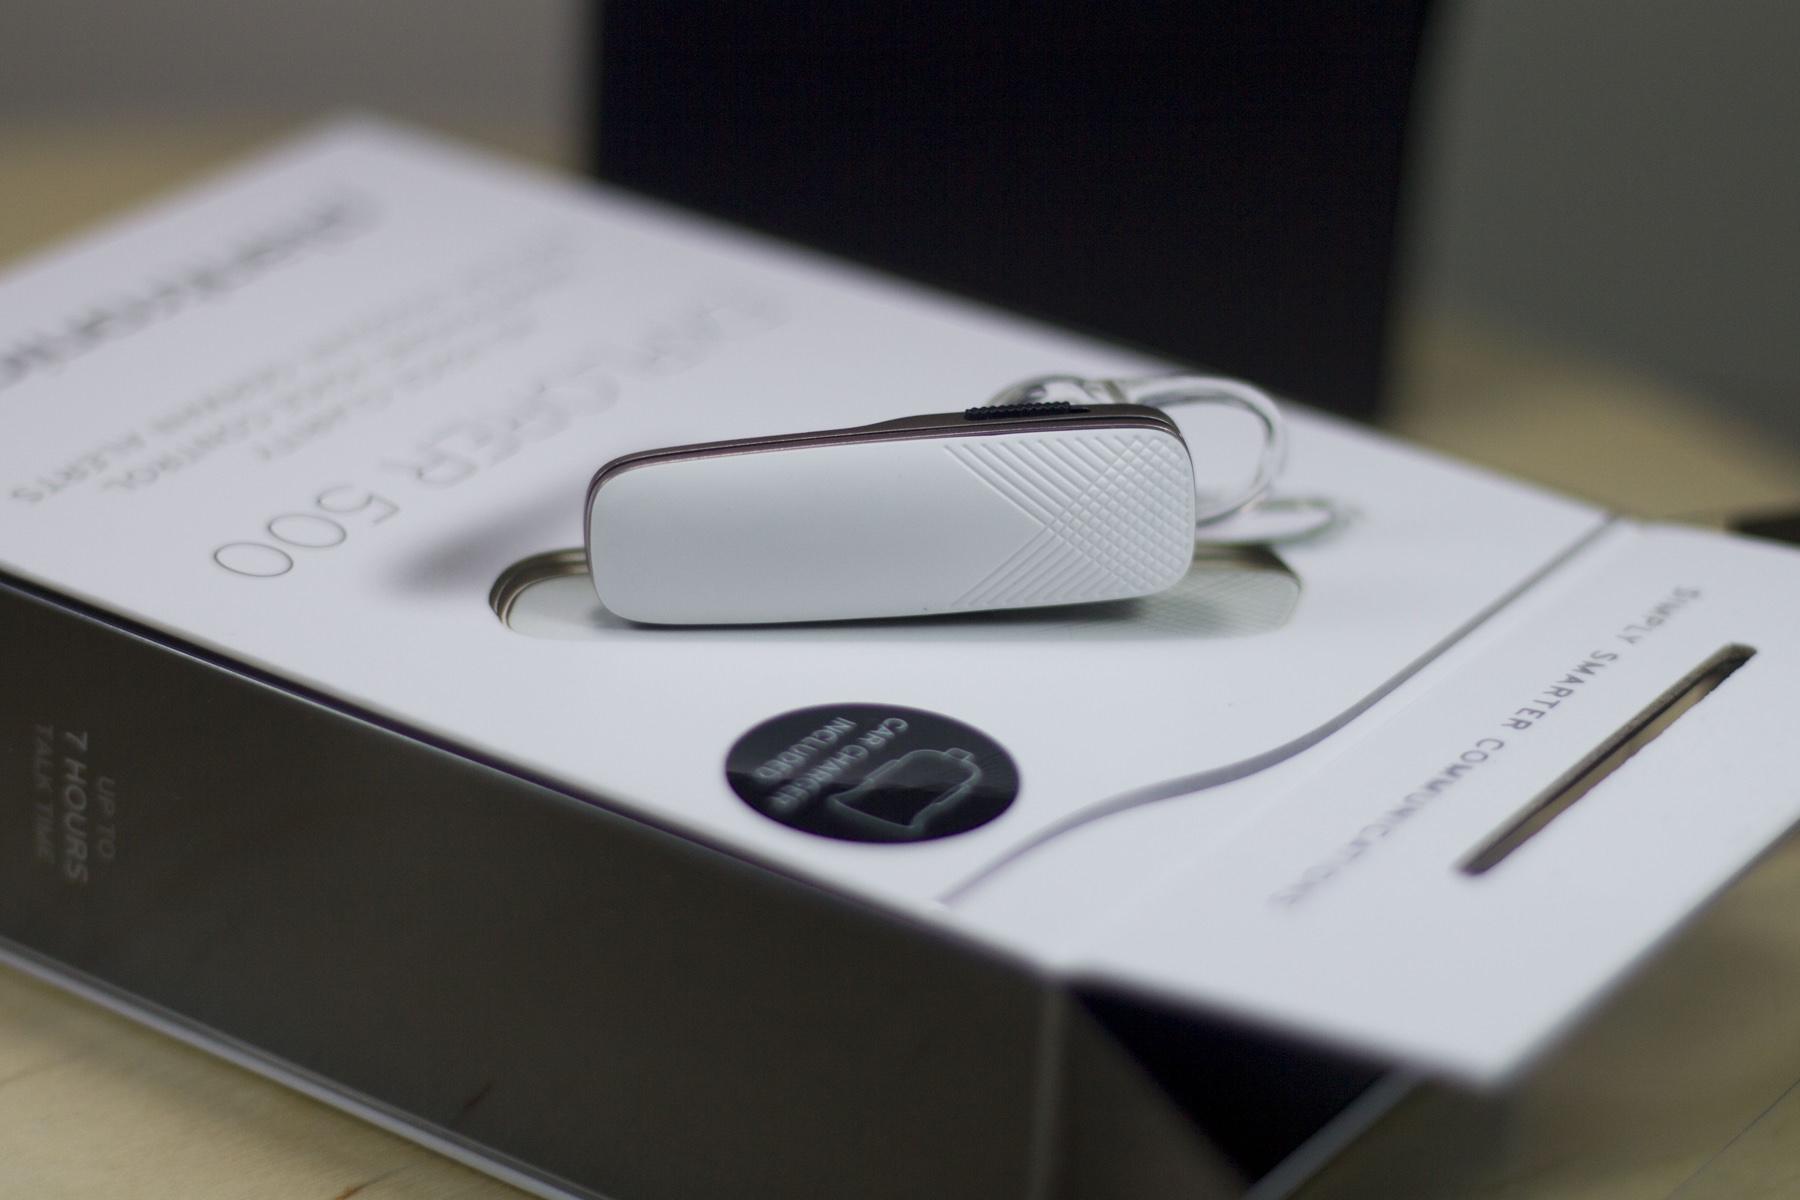 Обзор стильной Bluetooth-гарнитуры Plantronics Explorer 500